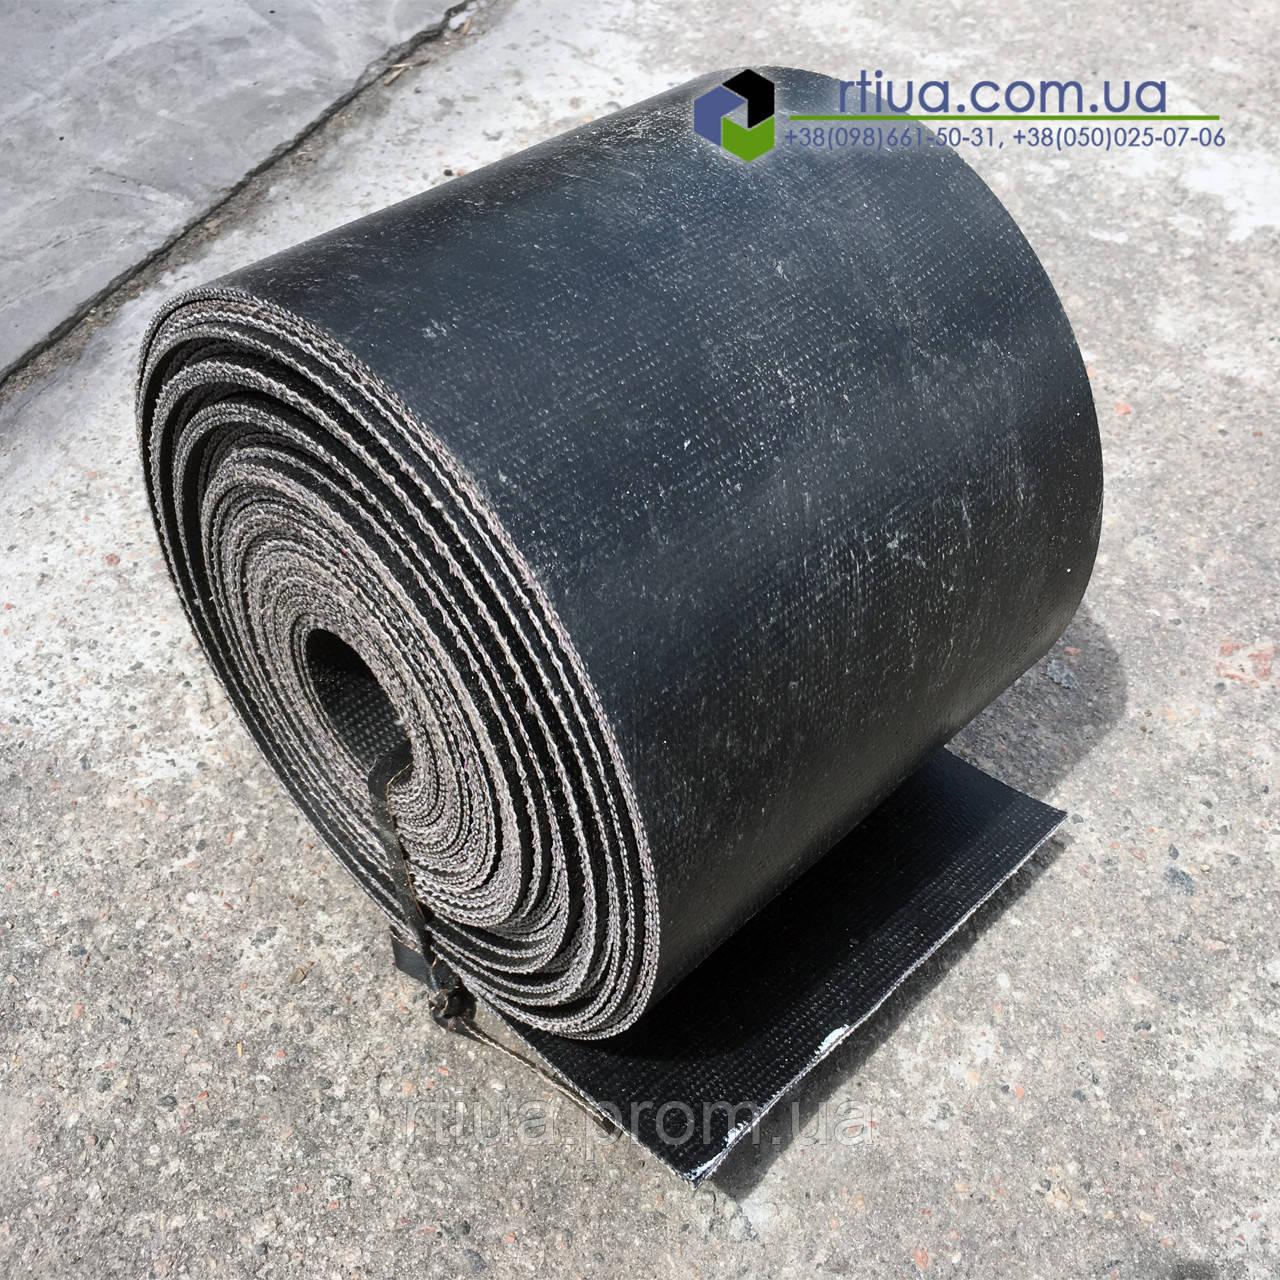 Транспортерная лента БКНЛ, 300х3 - 3/1 (7 мм)